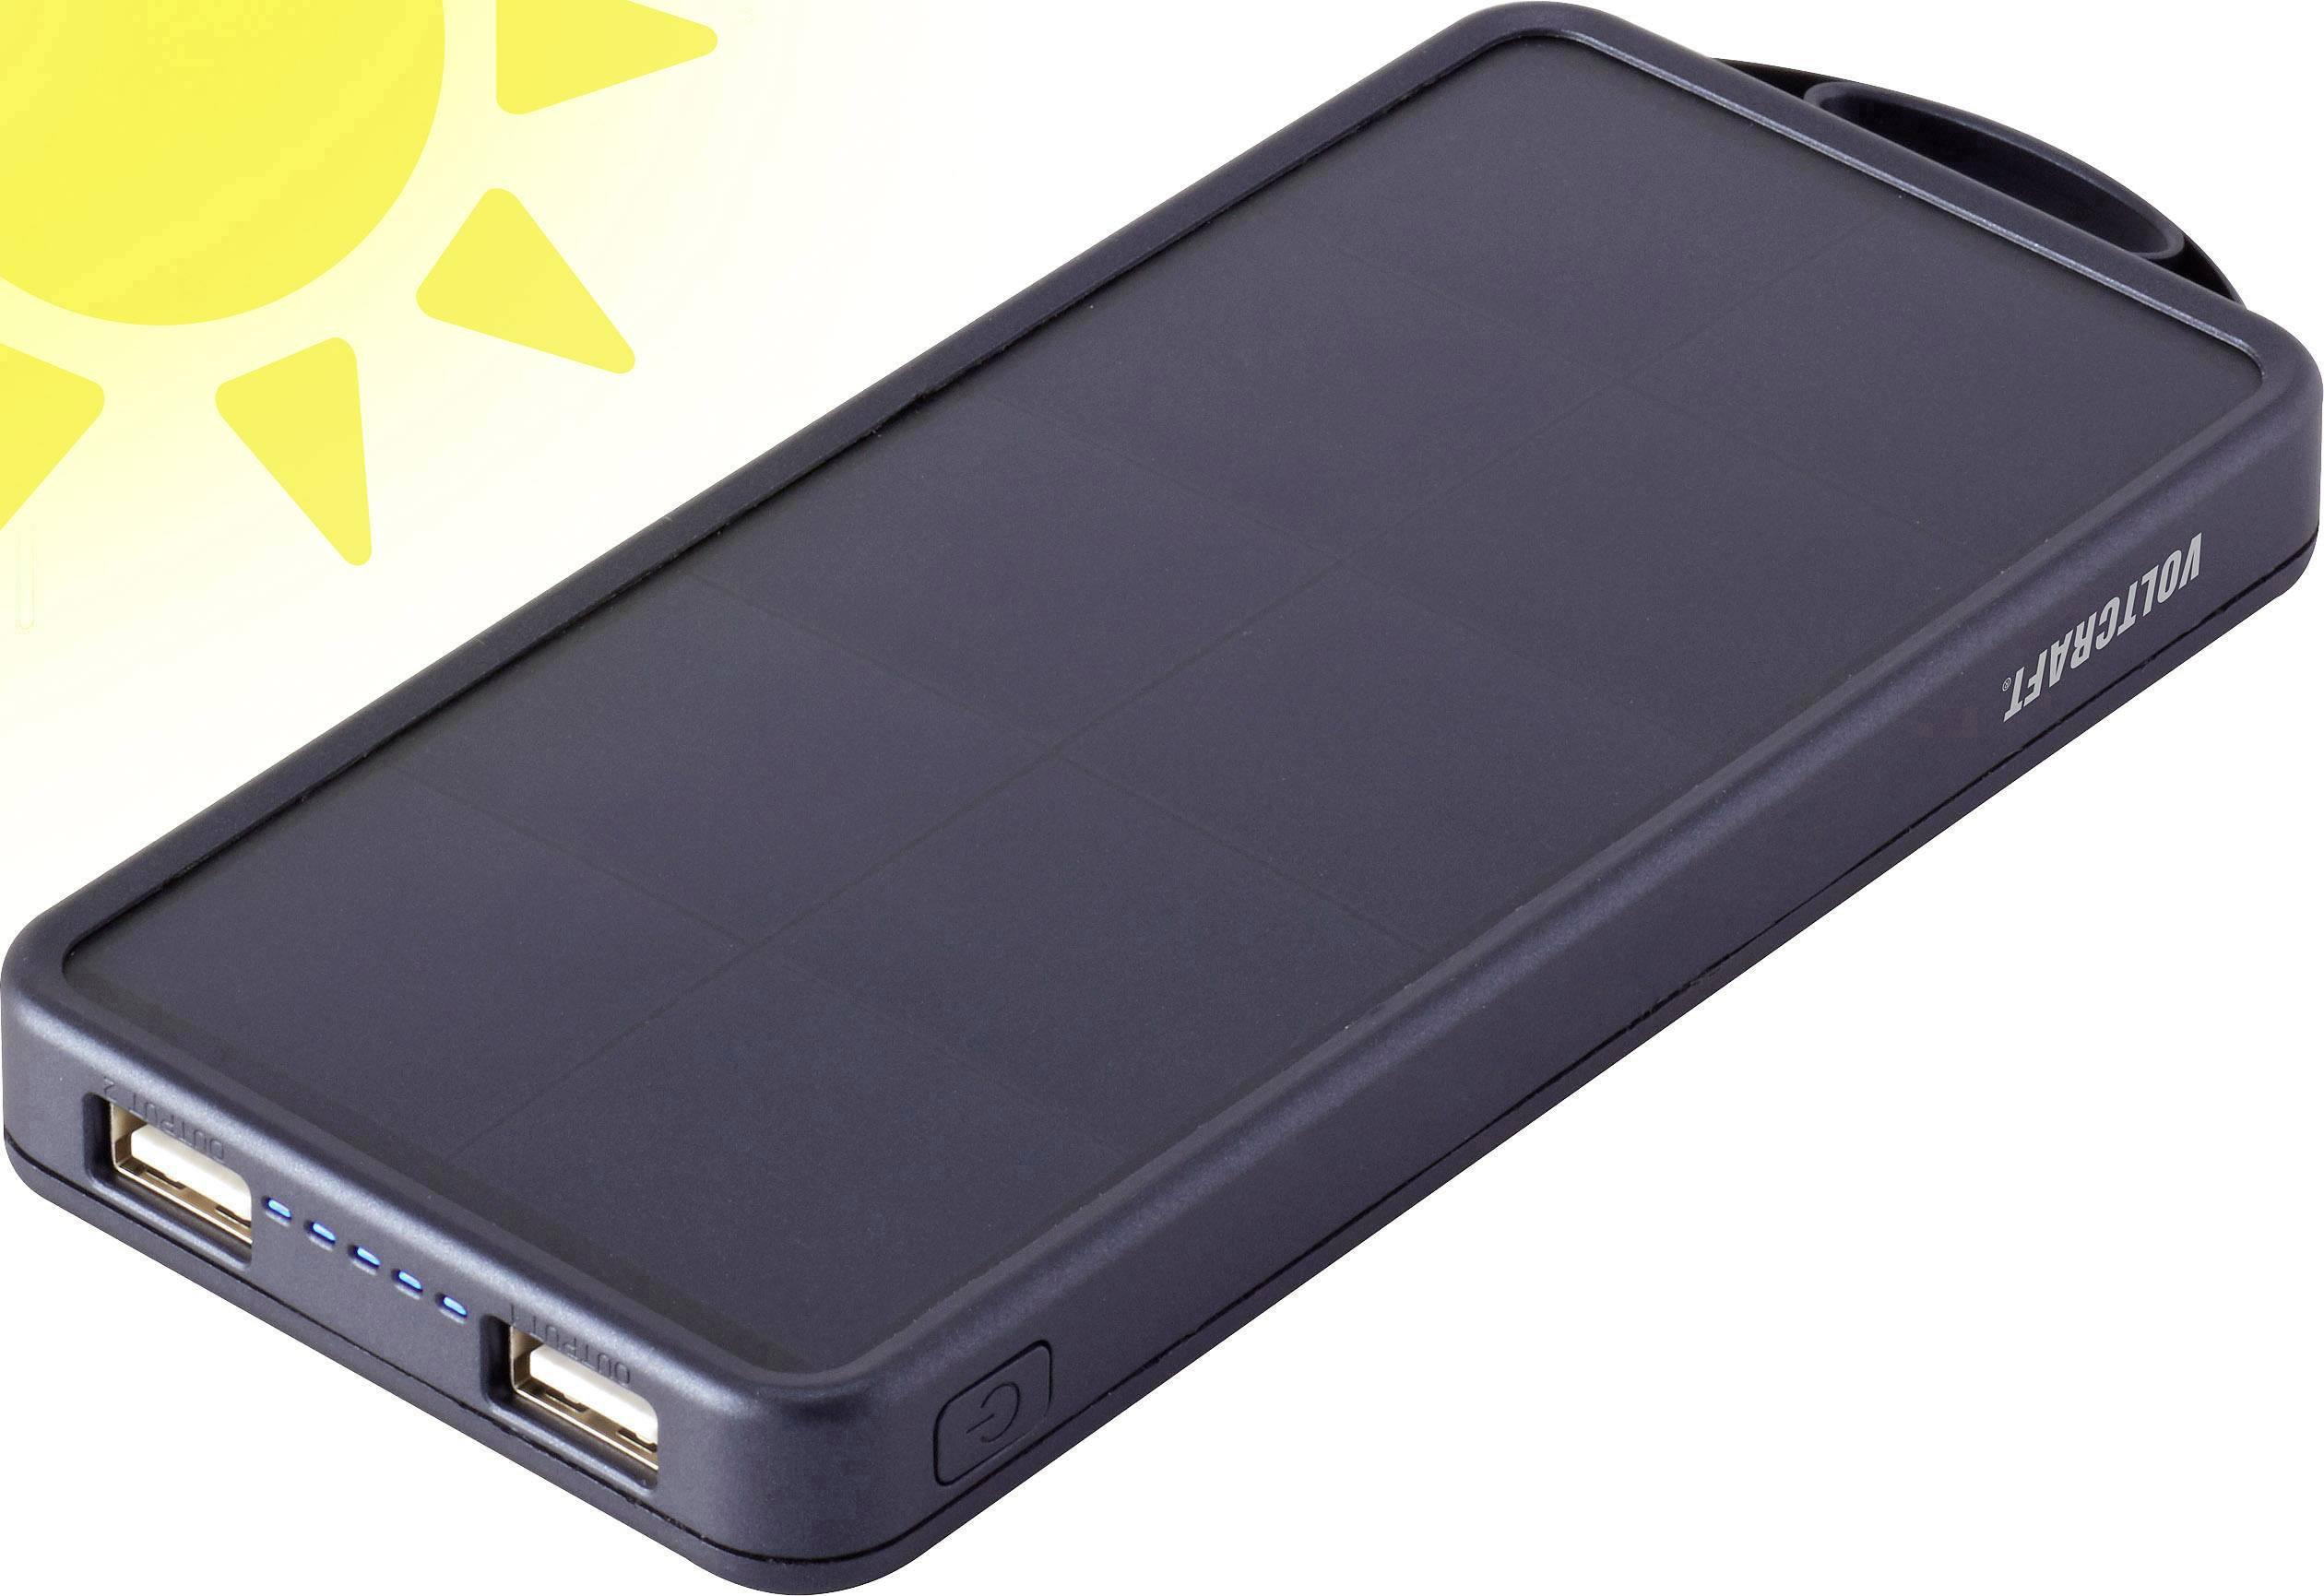 Solární powerbanka VOLTCRAFT SL-11 SE, Li-Pol 8000 mAh, černá, výroční edice